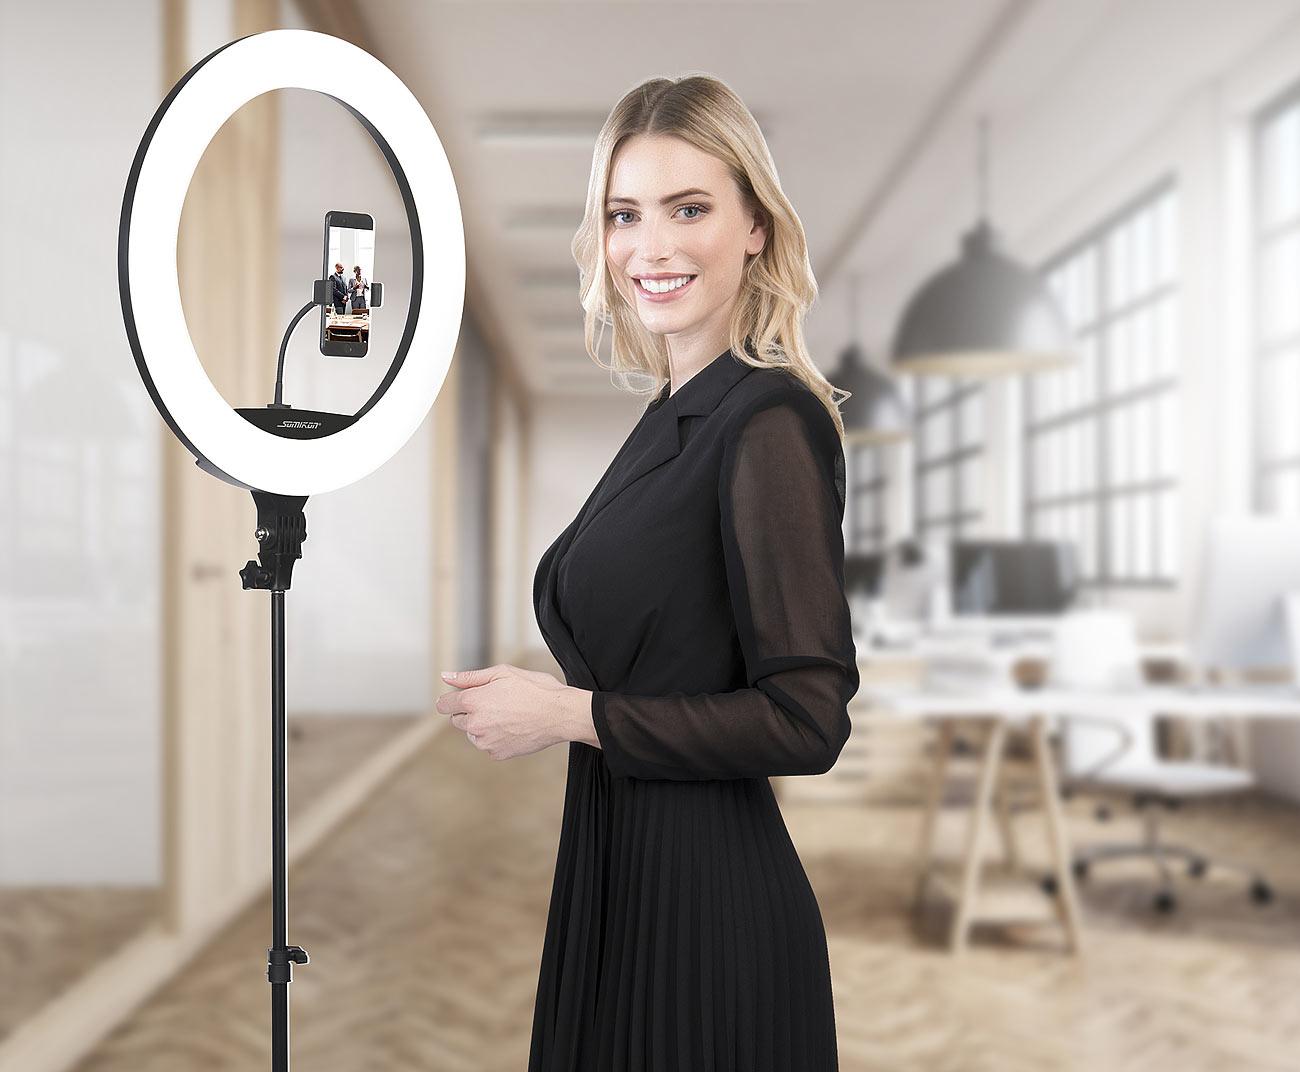 Somikon XL-LED-Ringlicht mit Smartphone-Halter, Ø 46 cm, USB-Port, dimmbar, www.pearl.de